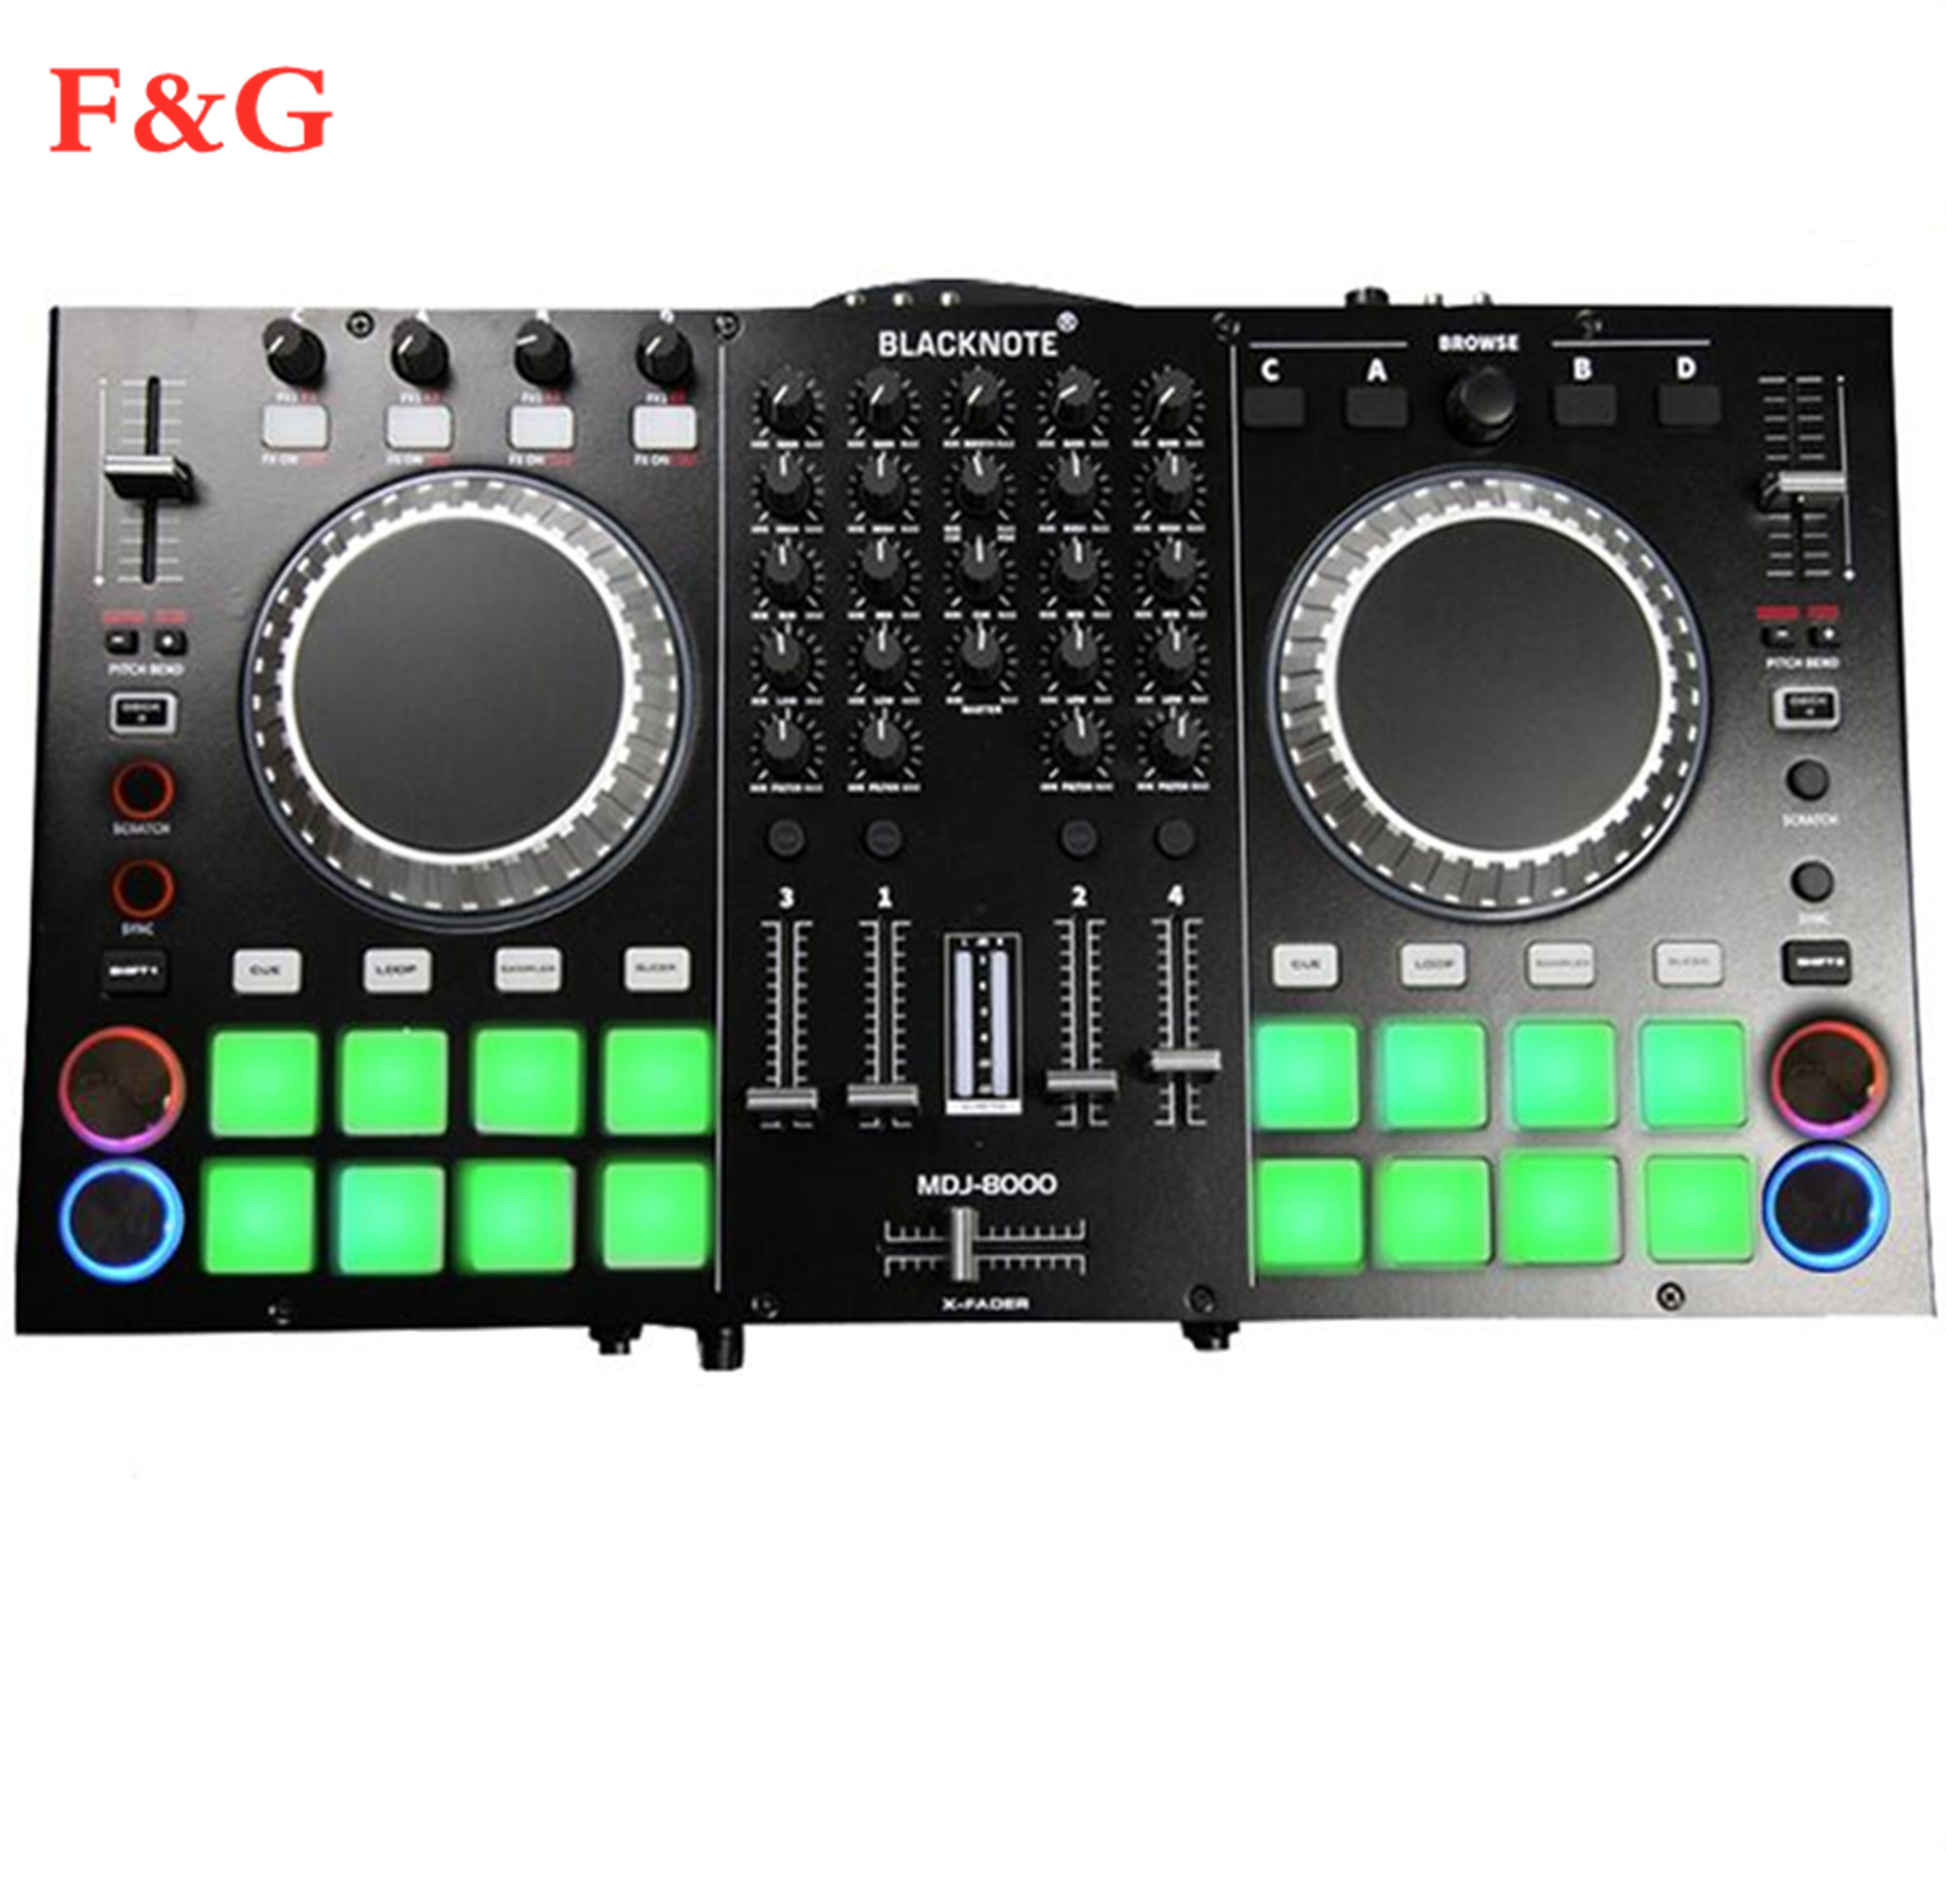 Контроллер для воспроизведения проигрывателей дисков аудио микшерный пульт проигрывателей микшерный микшер mesa de mezclas dj. DJ микшер title=